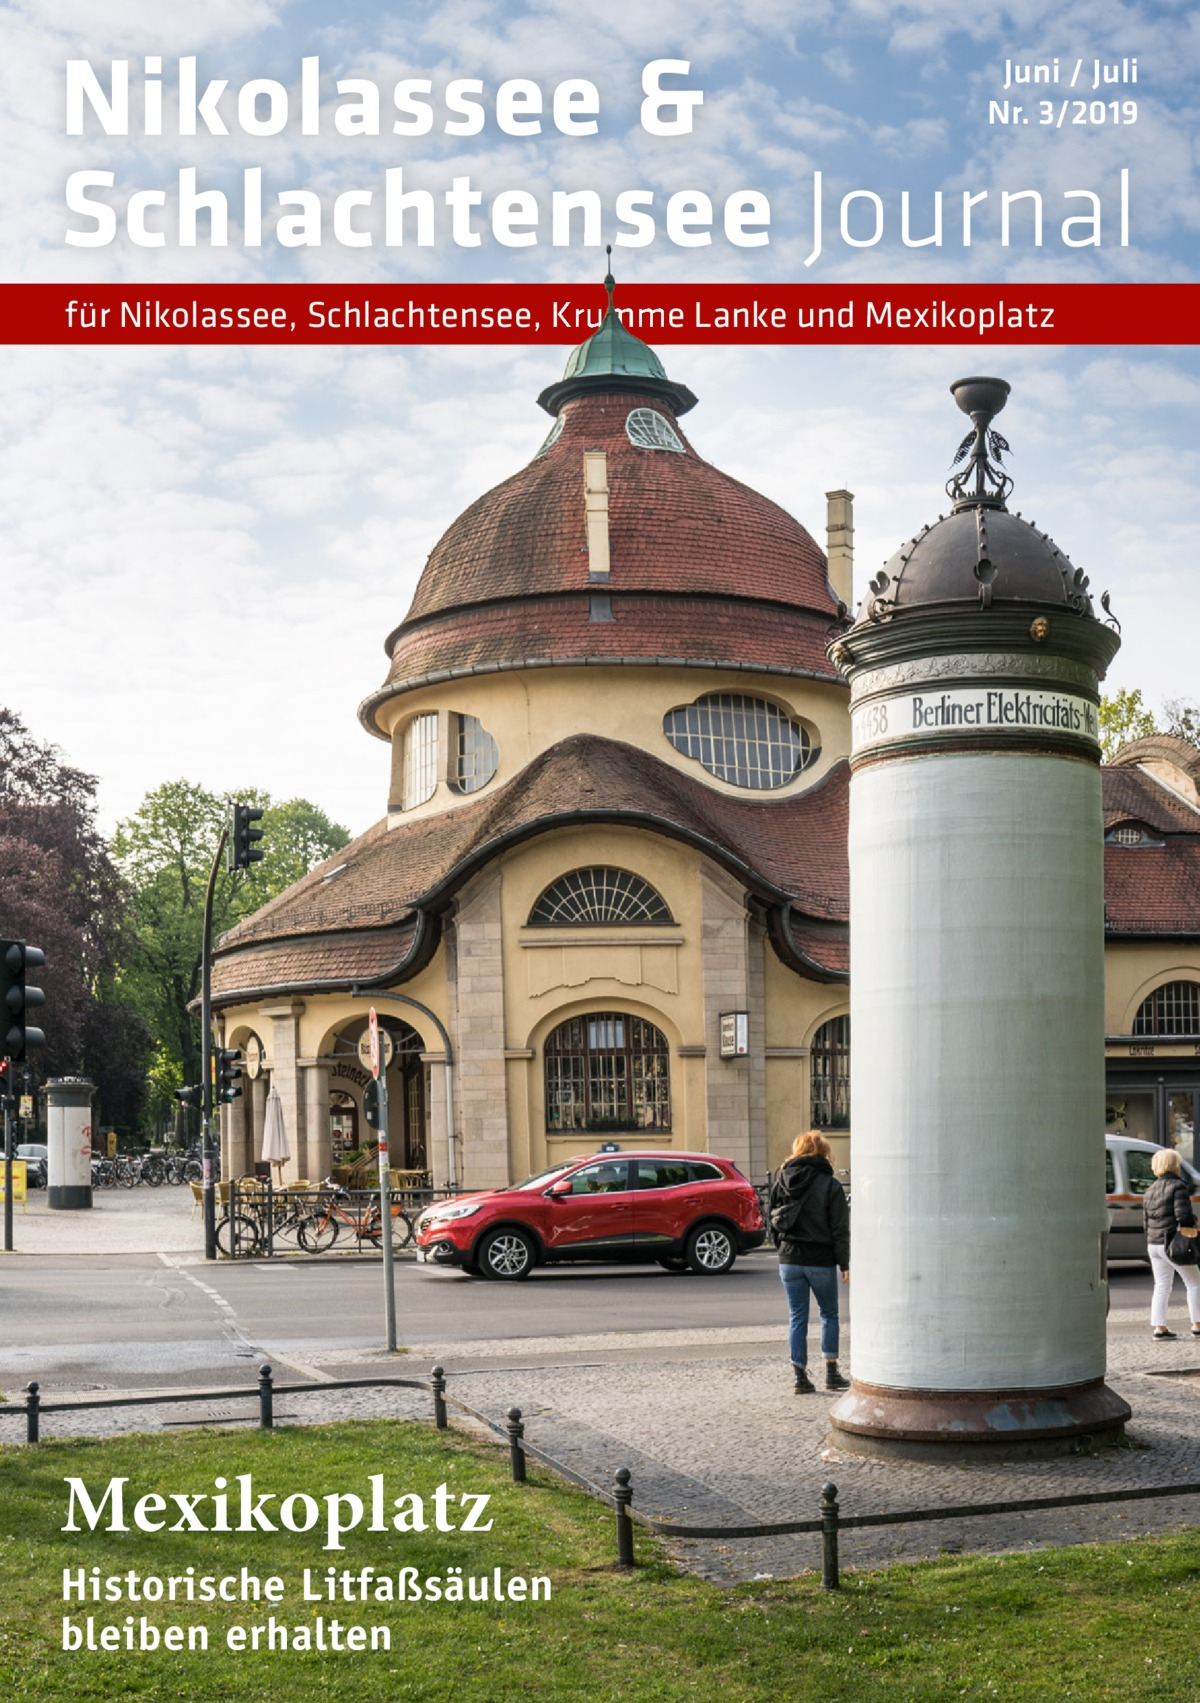 Nikolassee & Schlachtensee Journal  Juni / Juli Nr. 3/2019  für Nikolassee, Schlachtensee, Krumme Lanke und Mexikoplatz  Mexikoplatz  Historische Litfaßsäulen bleiben erhalten